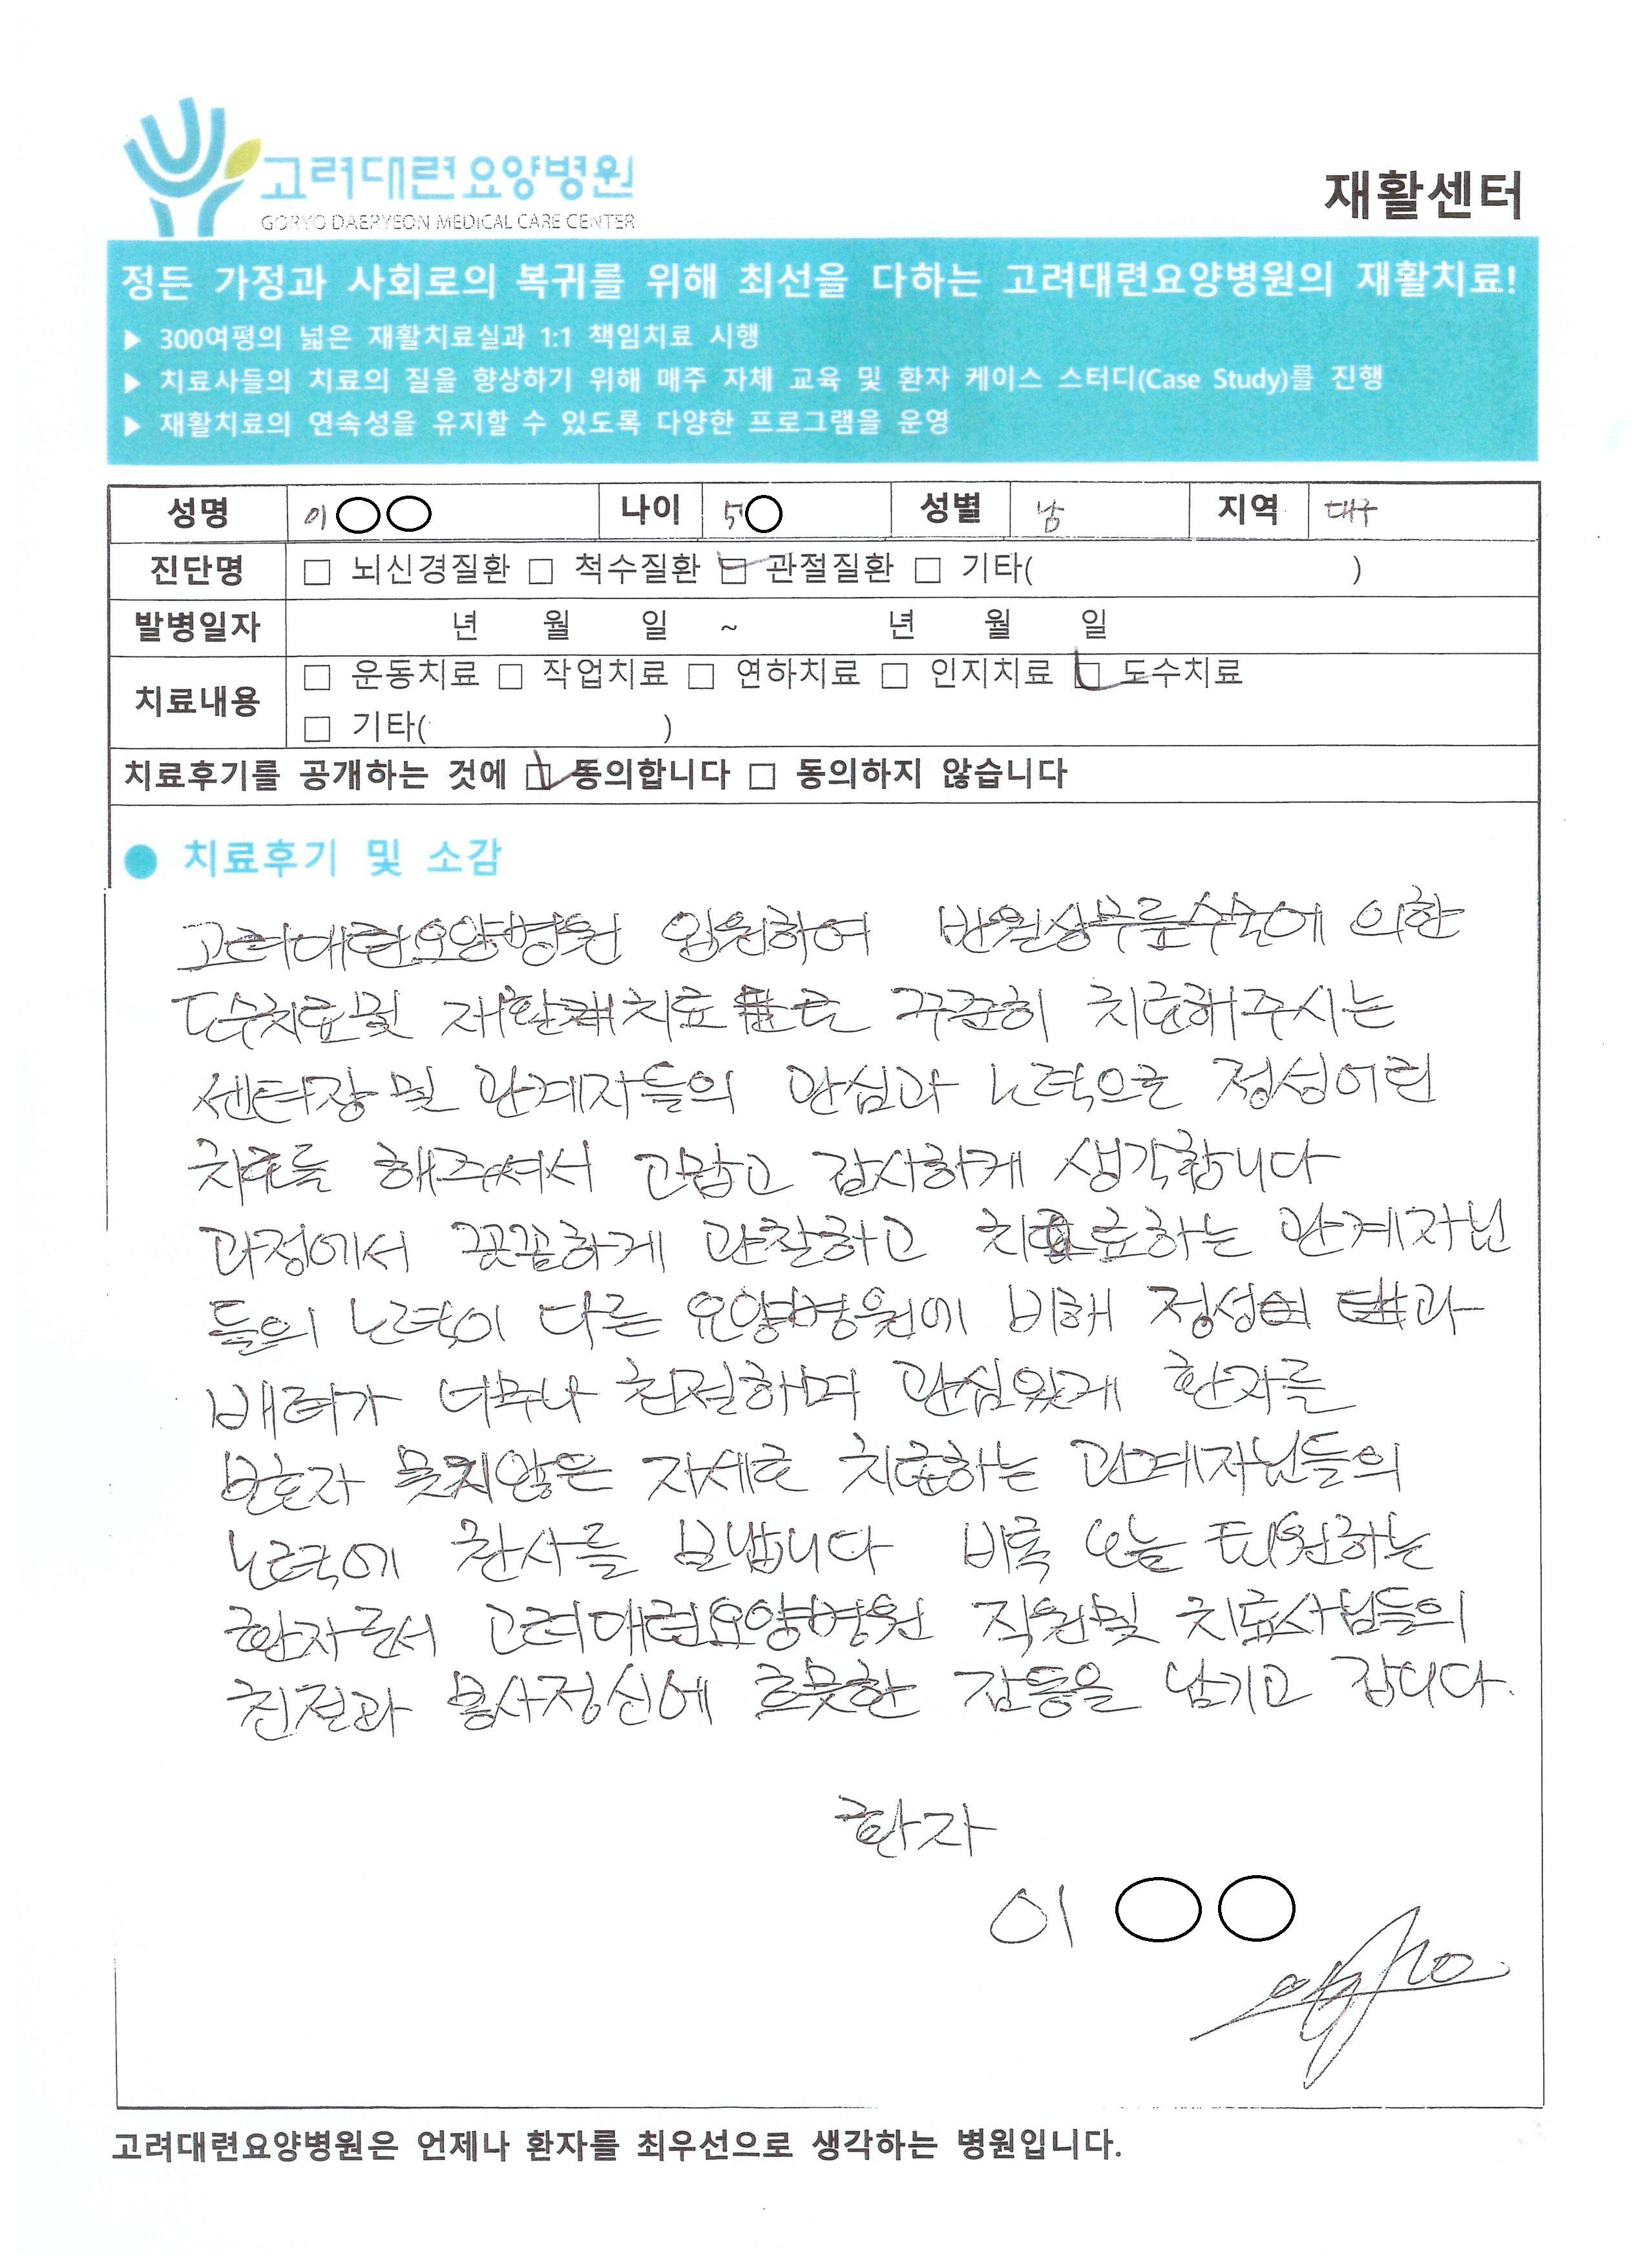 [재활센터] 이OO 치료후기